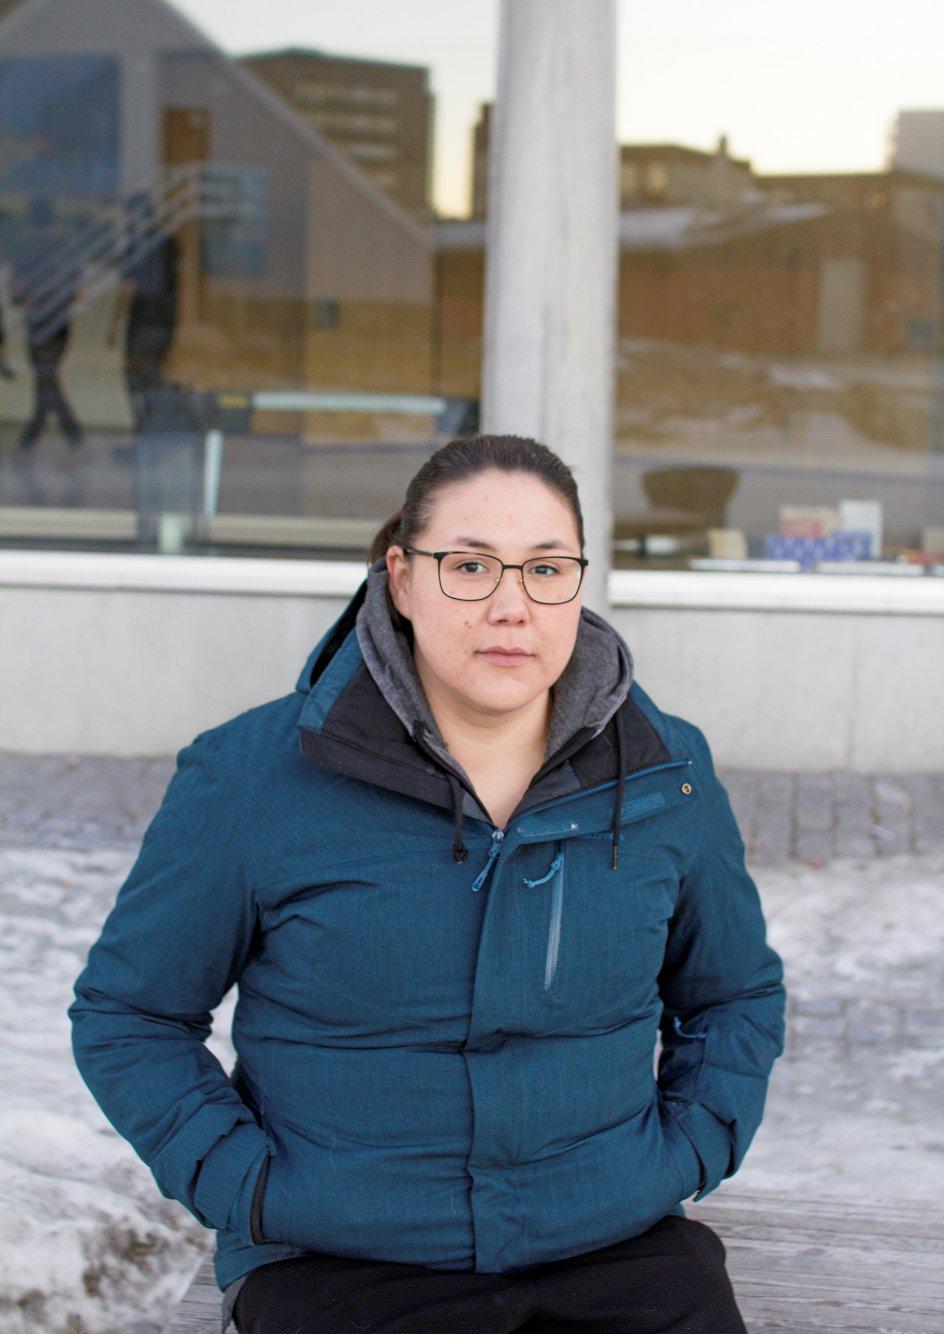 """Niviaq Korneliussen er fast besluttet på at blive ved med at kæmpe for at nedbringe antallet af selvmord i Grønland. Hun har blandt andet oprettet Facebook-siden med titlen """"Imminornerit: 0"""" (Selvmord: 0), som er en bevægelse, der skal sætte fokus på, hvad der efterhånden er blevet beskrevet som en epidemi i Grønland."""